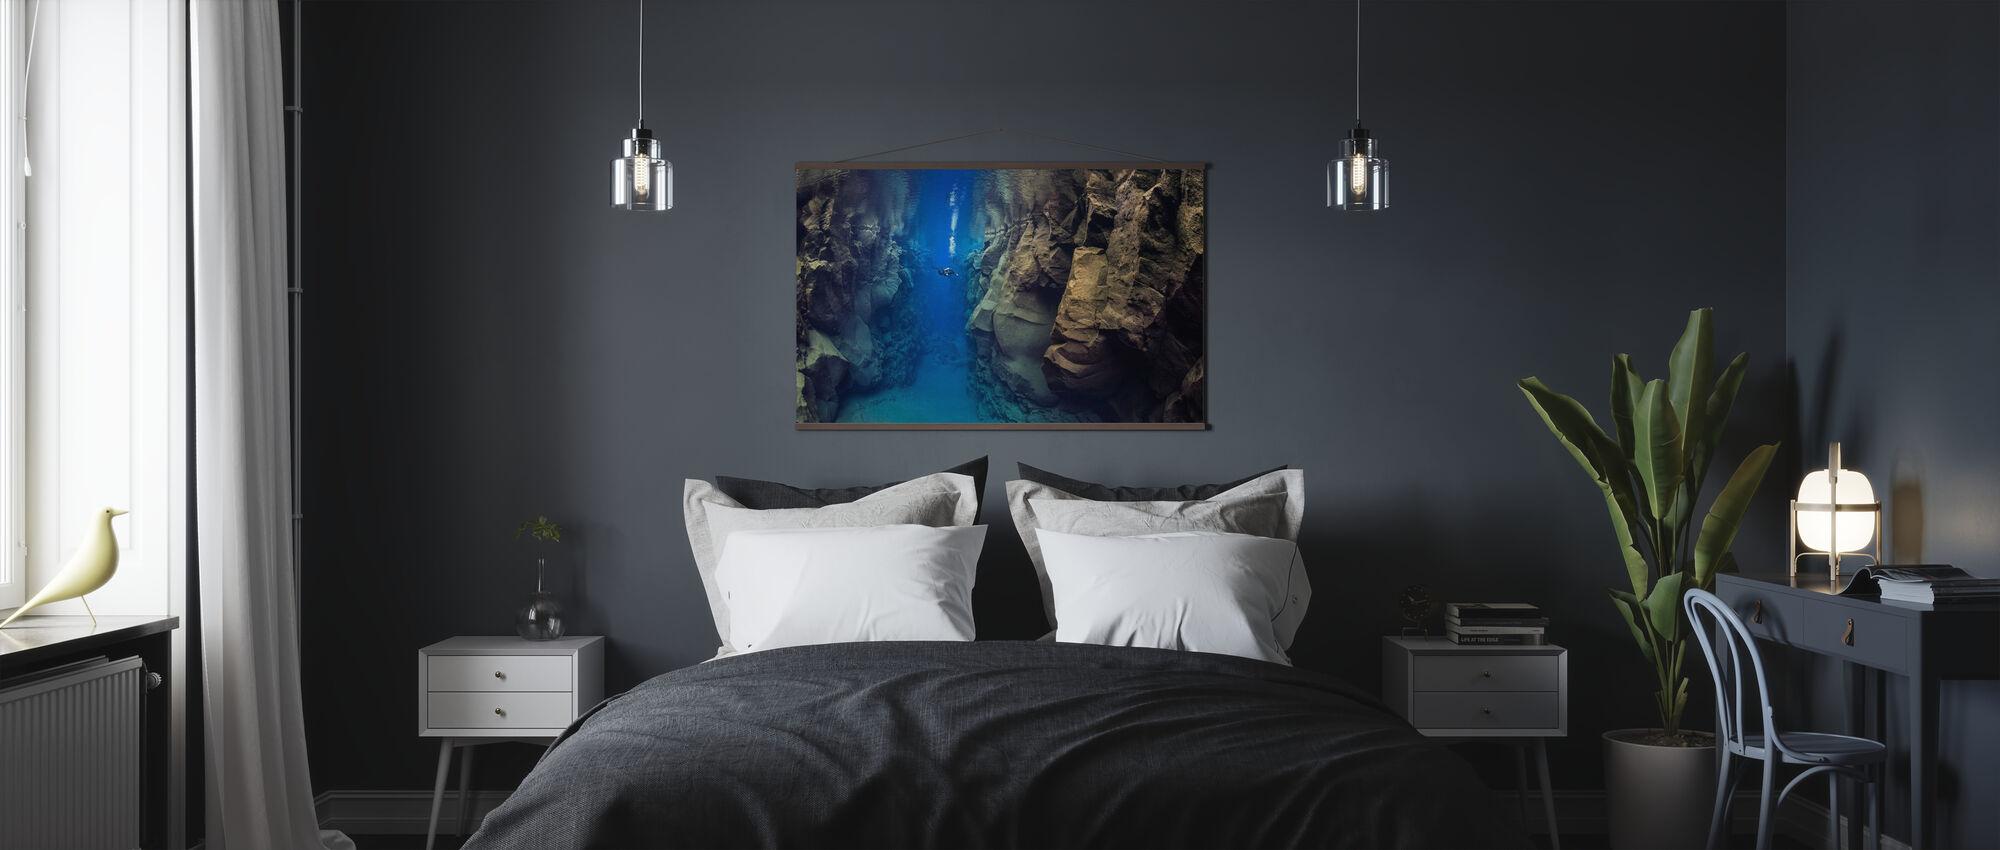 Diver Between Tectonic Plates - Poster - Bedroom